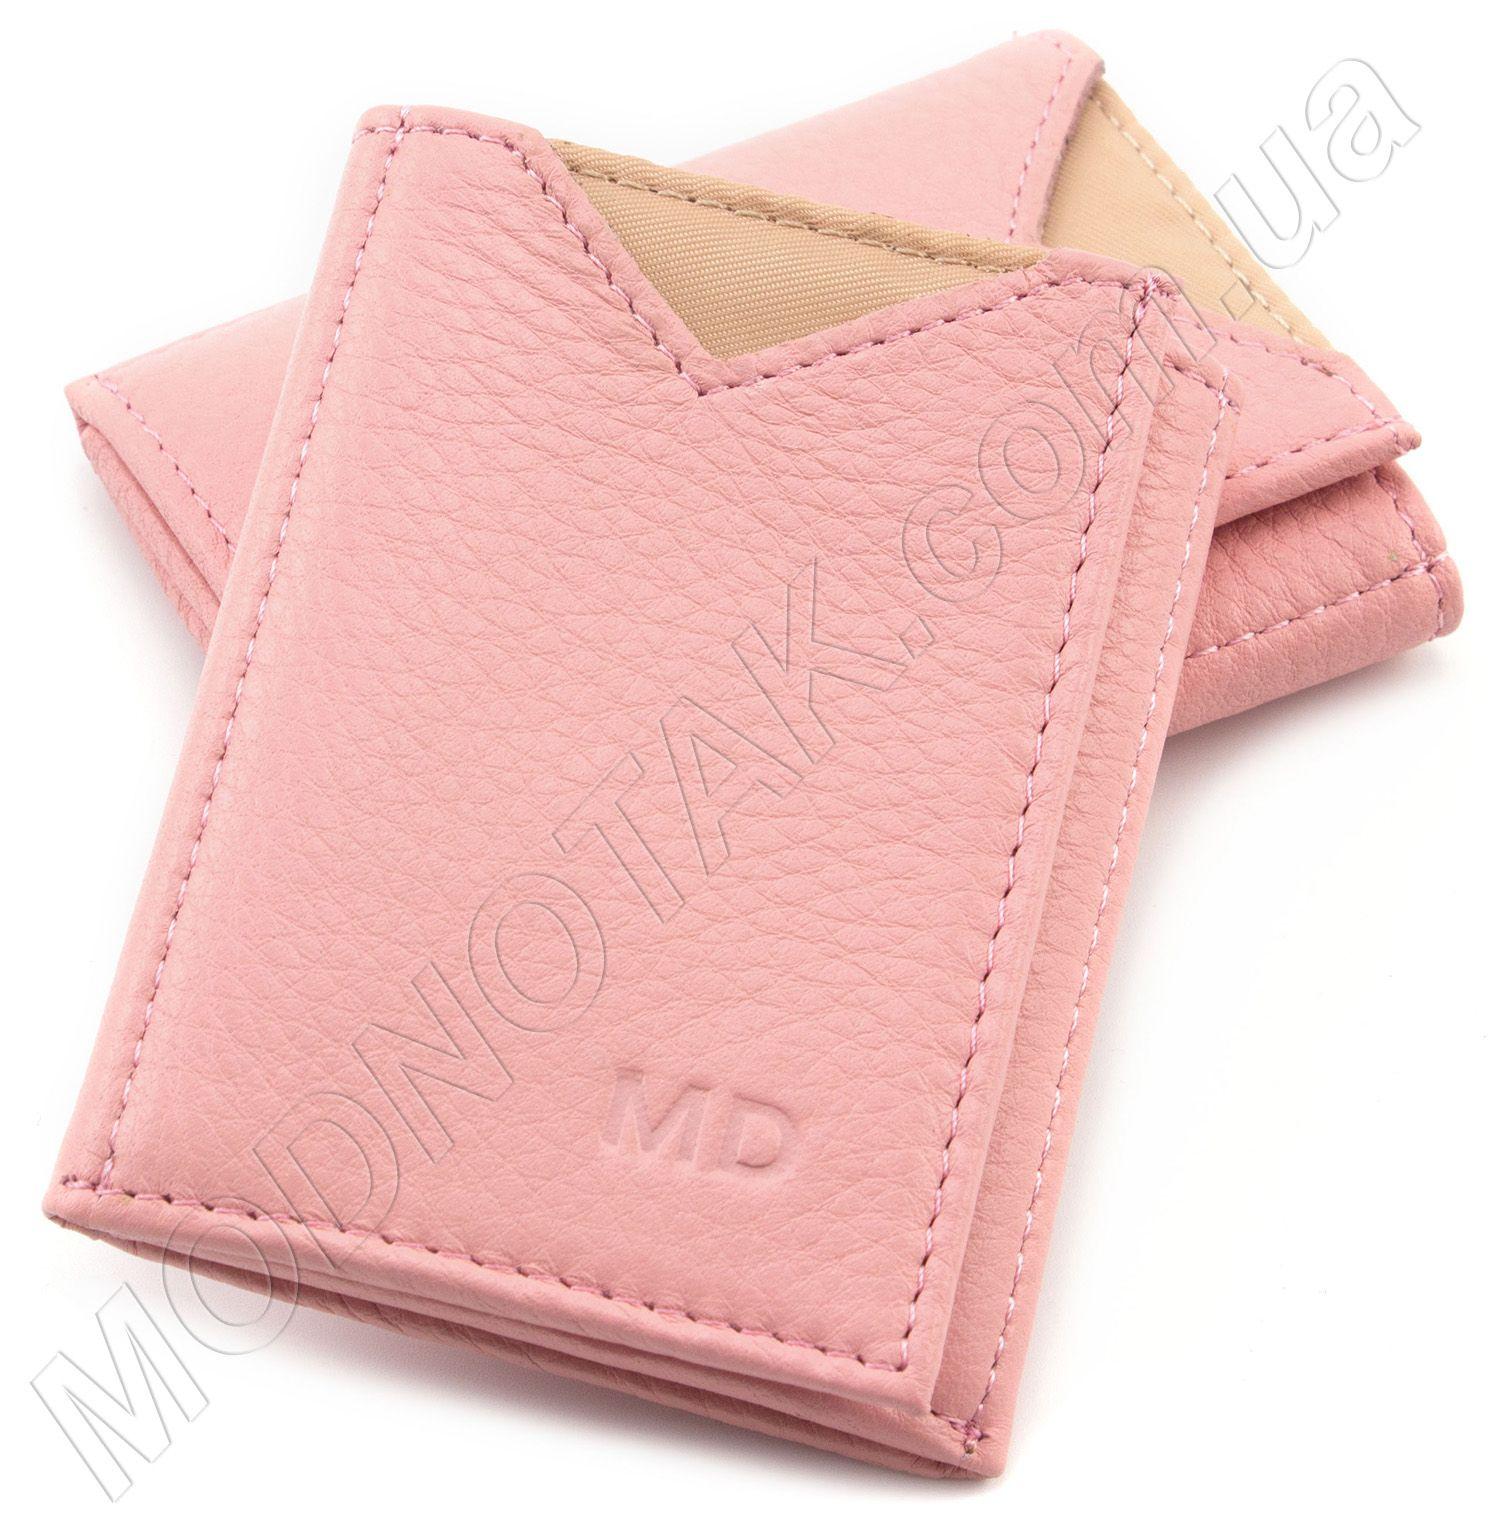 c6f7e90f3ca4 Маленький кожаный кошелек светло-розового цвета MD Leather (17297)